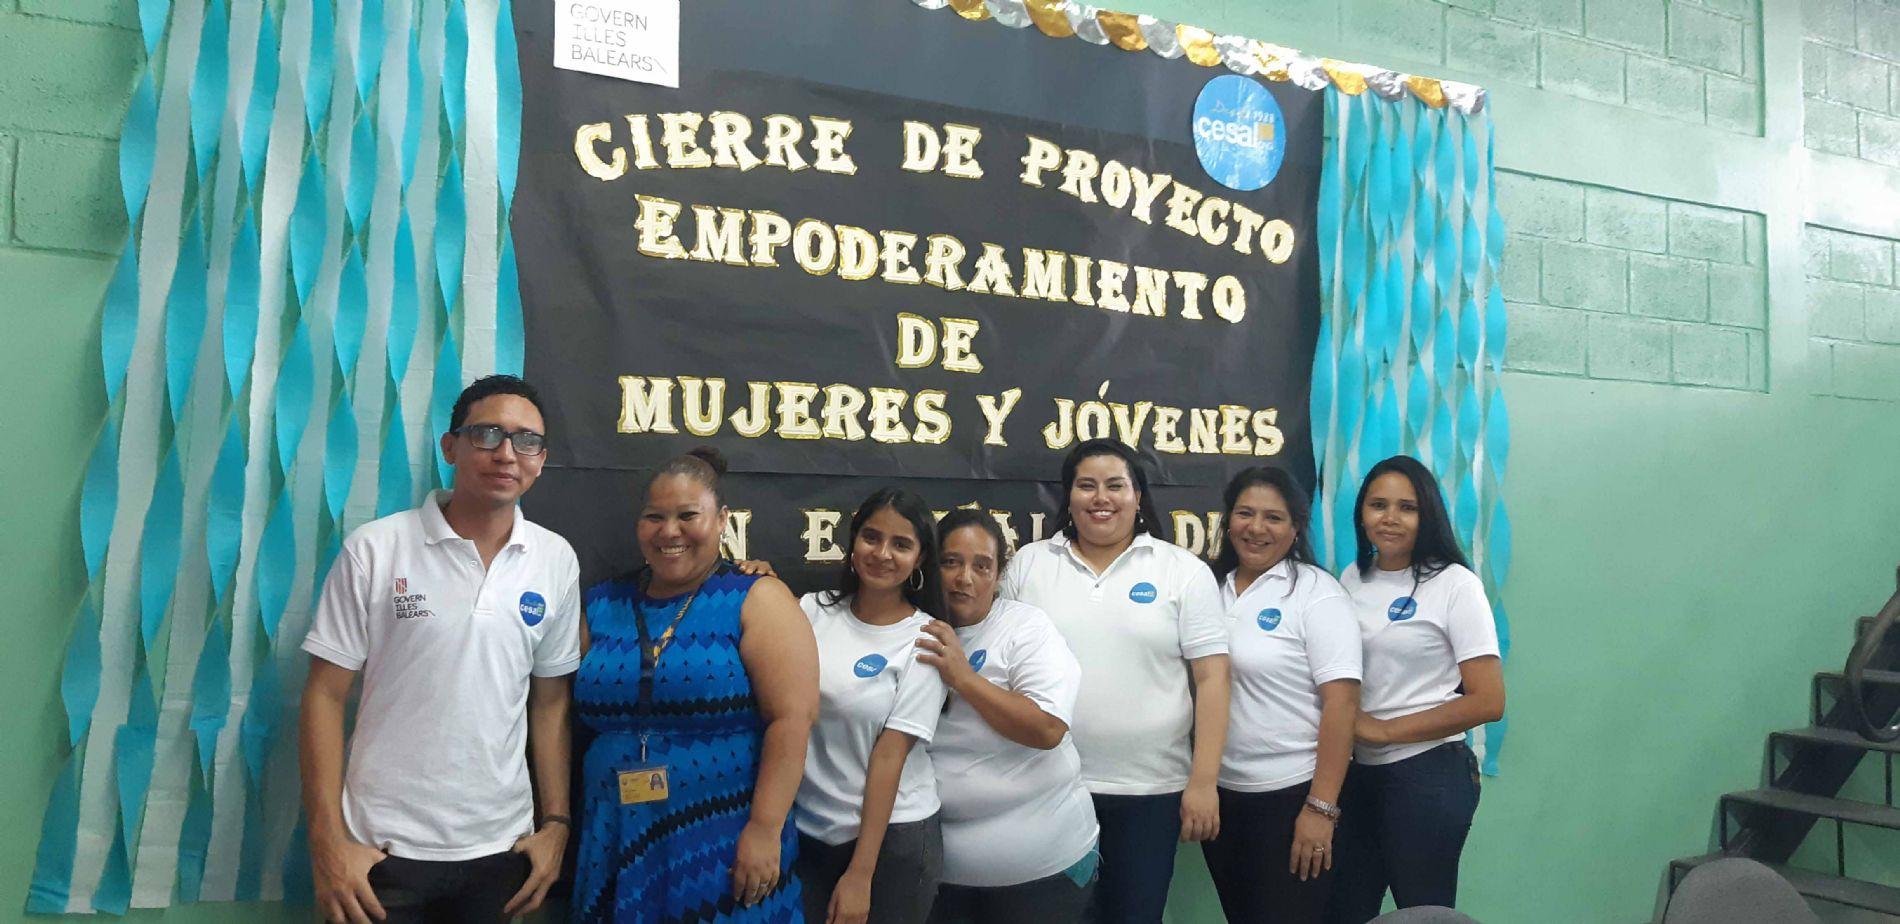 191 JÓVENES Y MUJERES FORMADOS EN HONDURAS